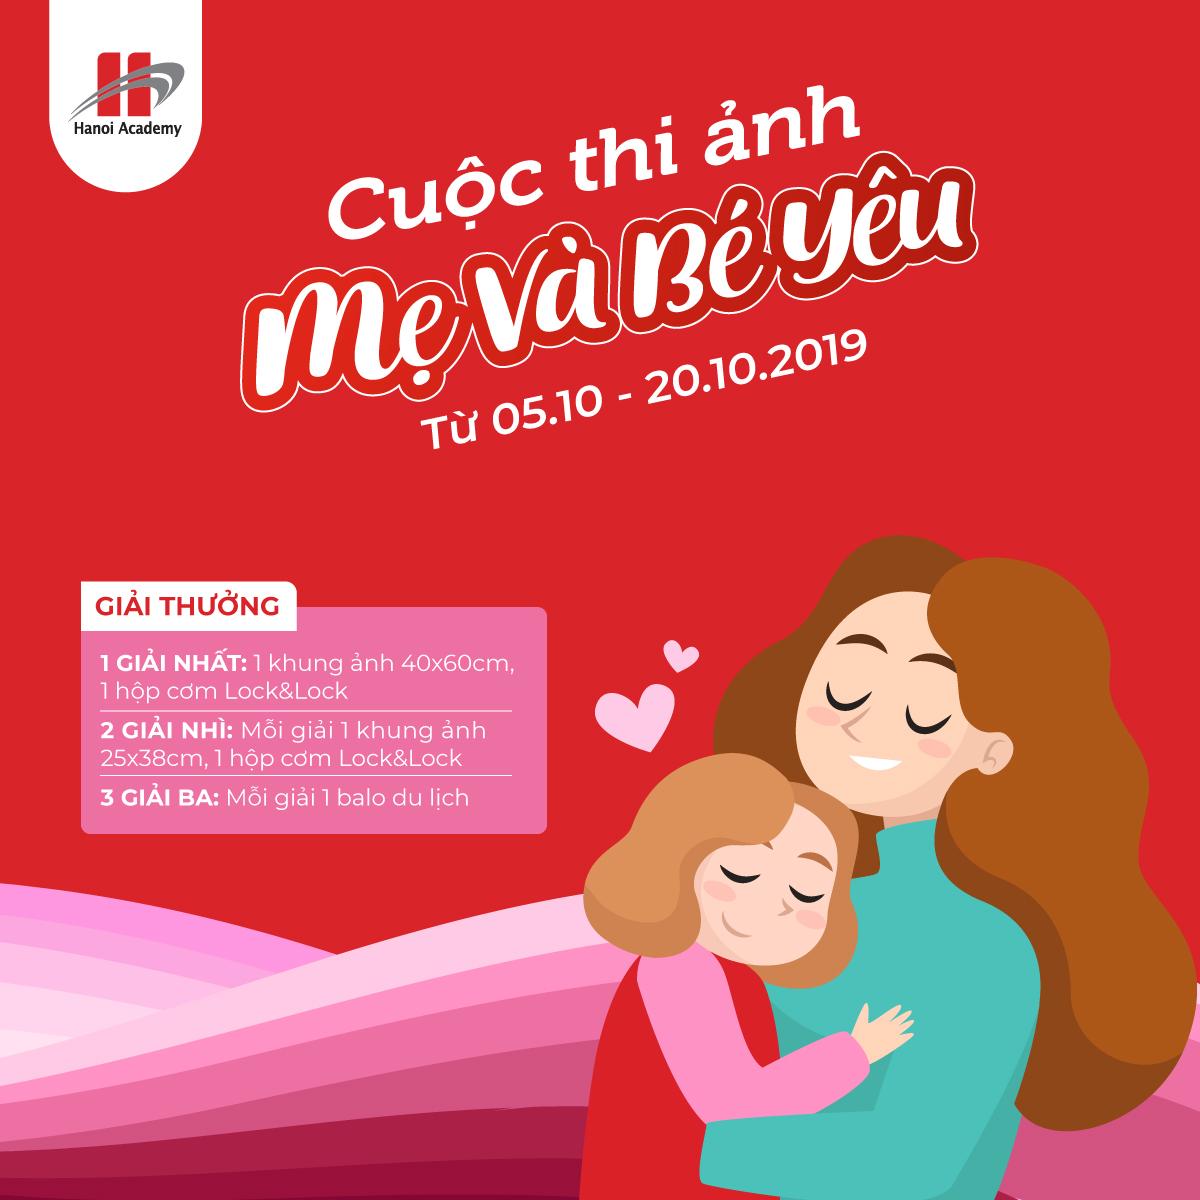 """Cuộc thi ảnh """"Mẹ và bé yêu"""" nhân ngày phụ nữ Việt Nam 20.10 Cuộc thi ảnh """"Mẹ và bé yêu"""" nhân ngày phụ nữ Việt Nam 20.10"""